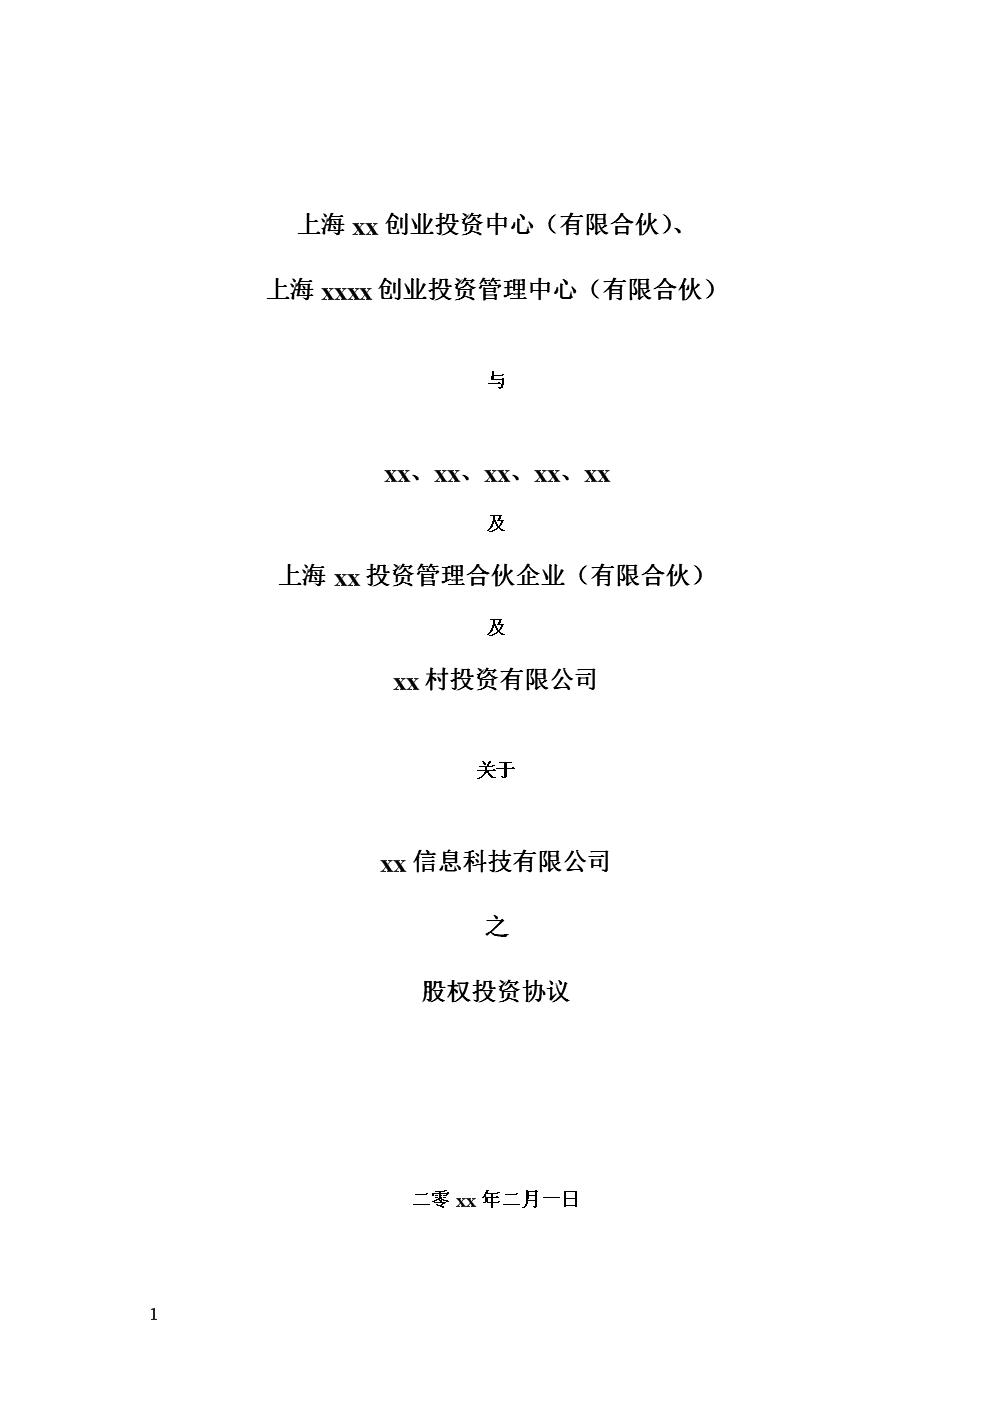 经典投资协议模版.doc